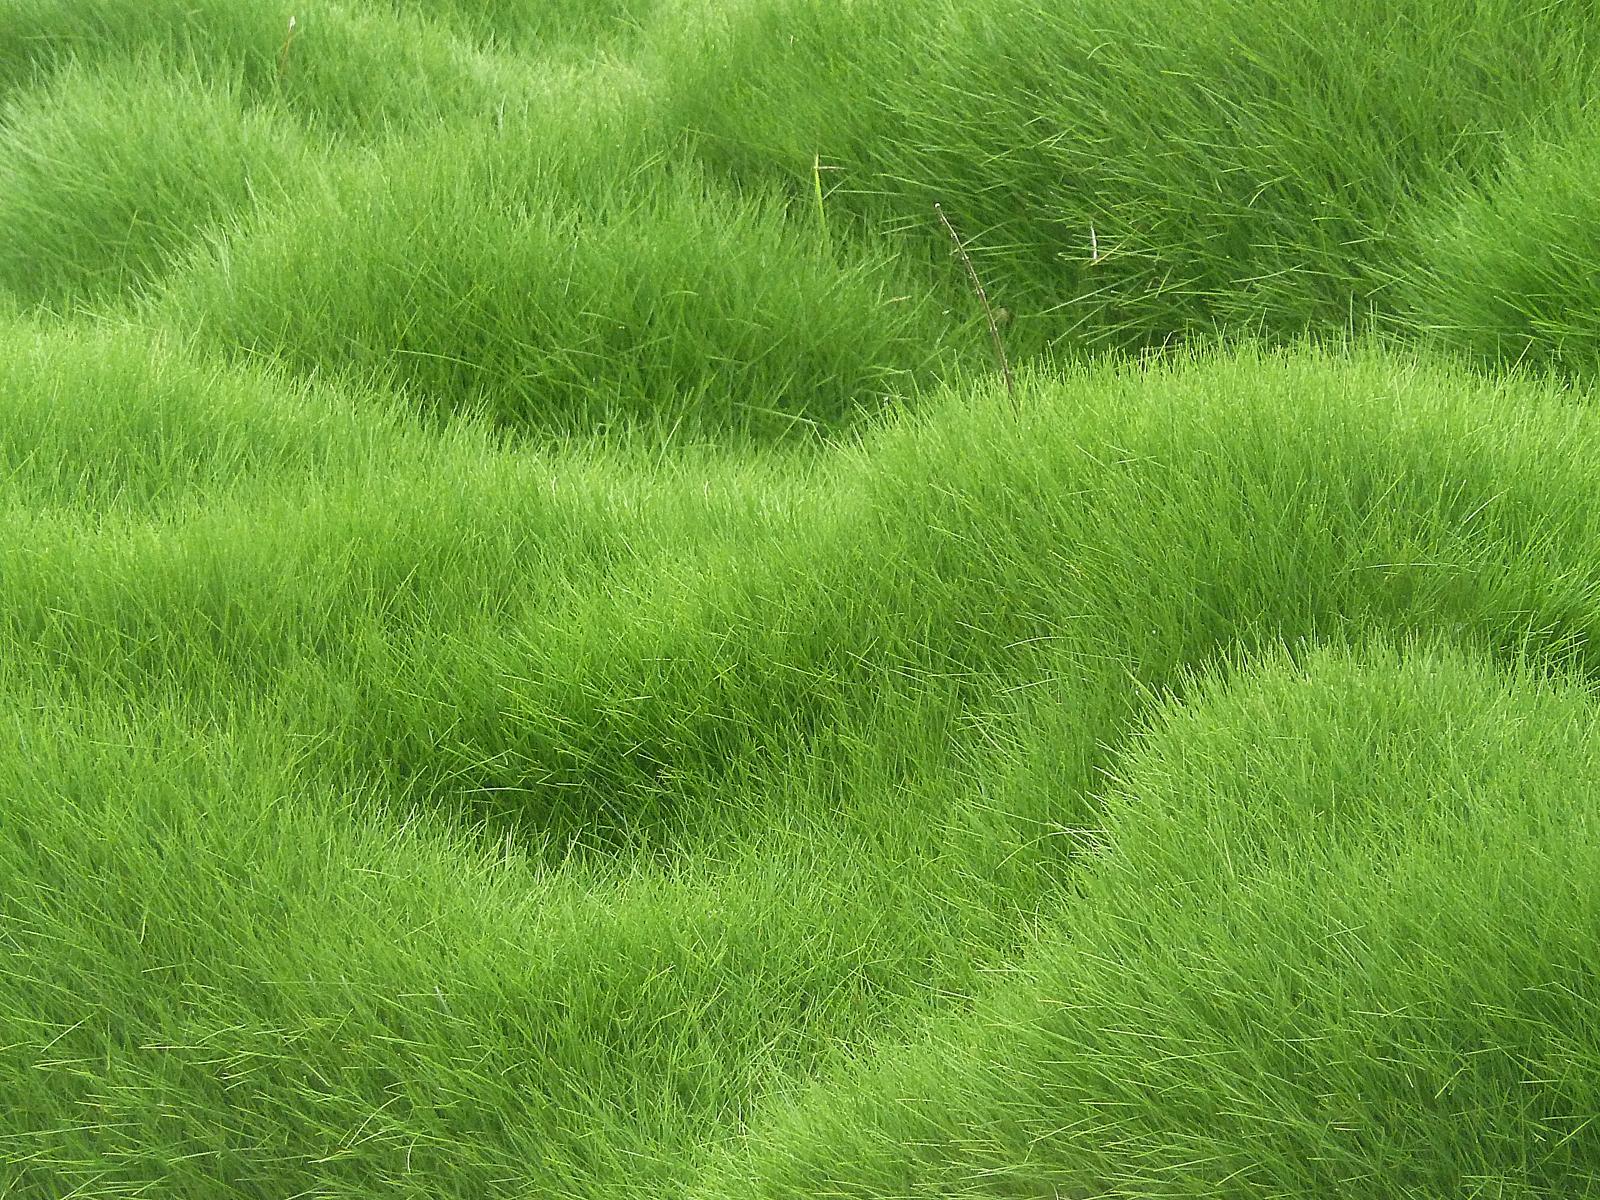 Grassy Background.